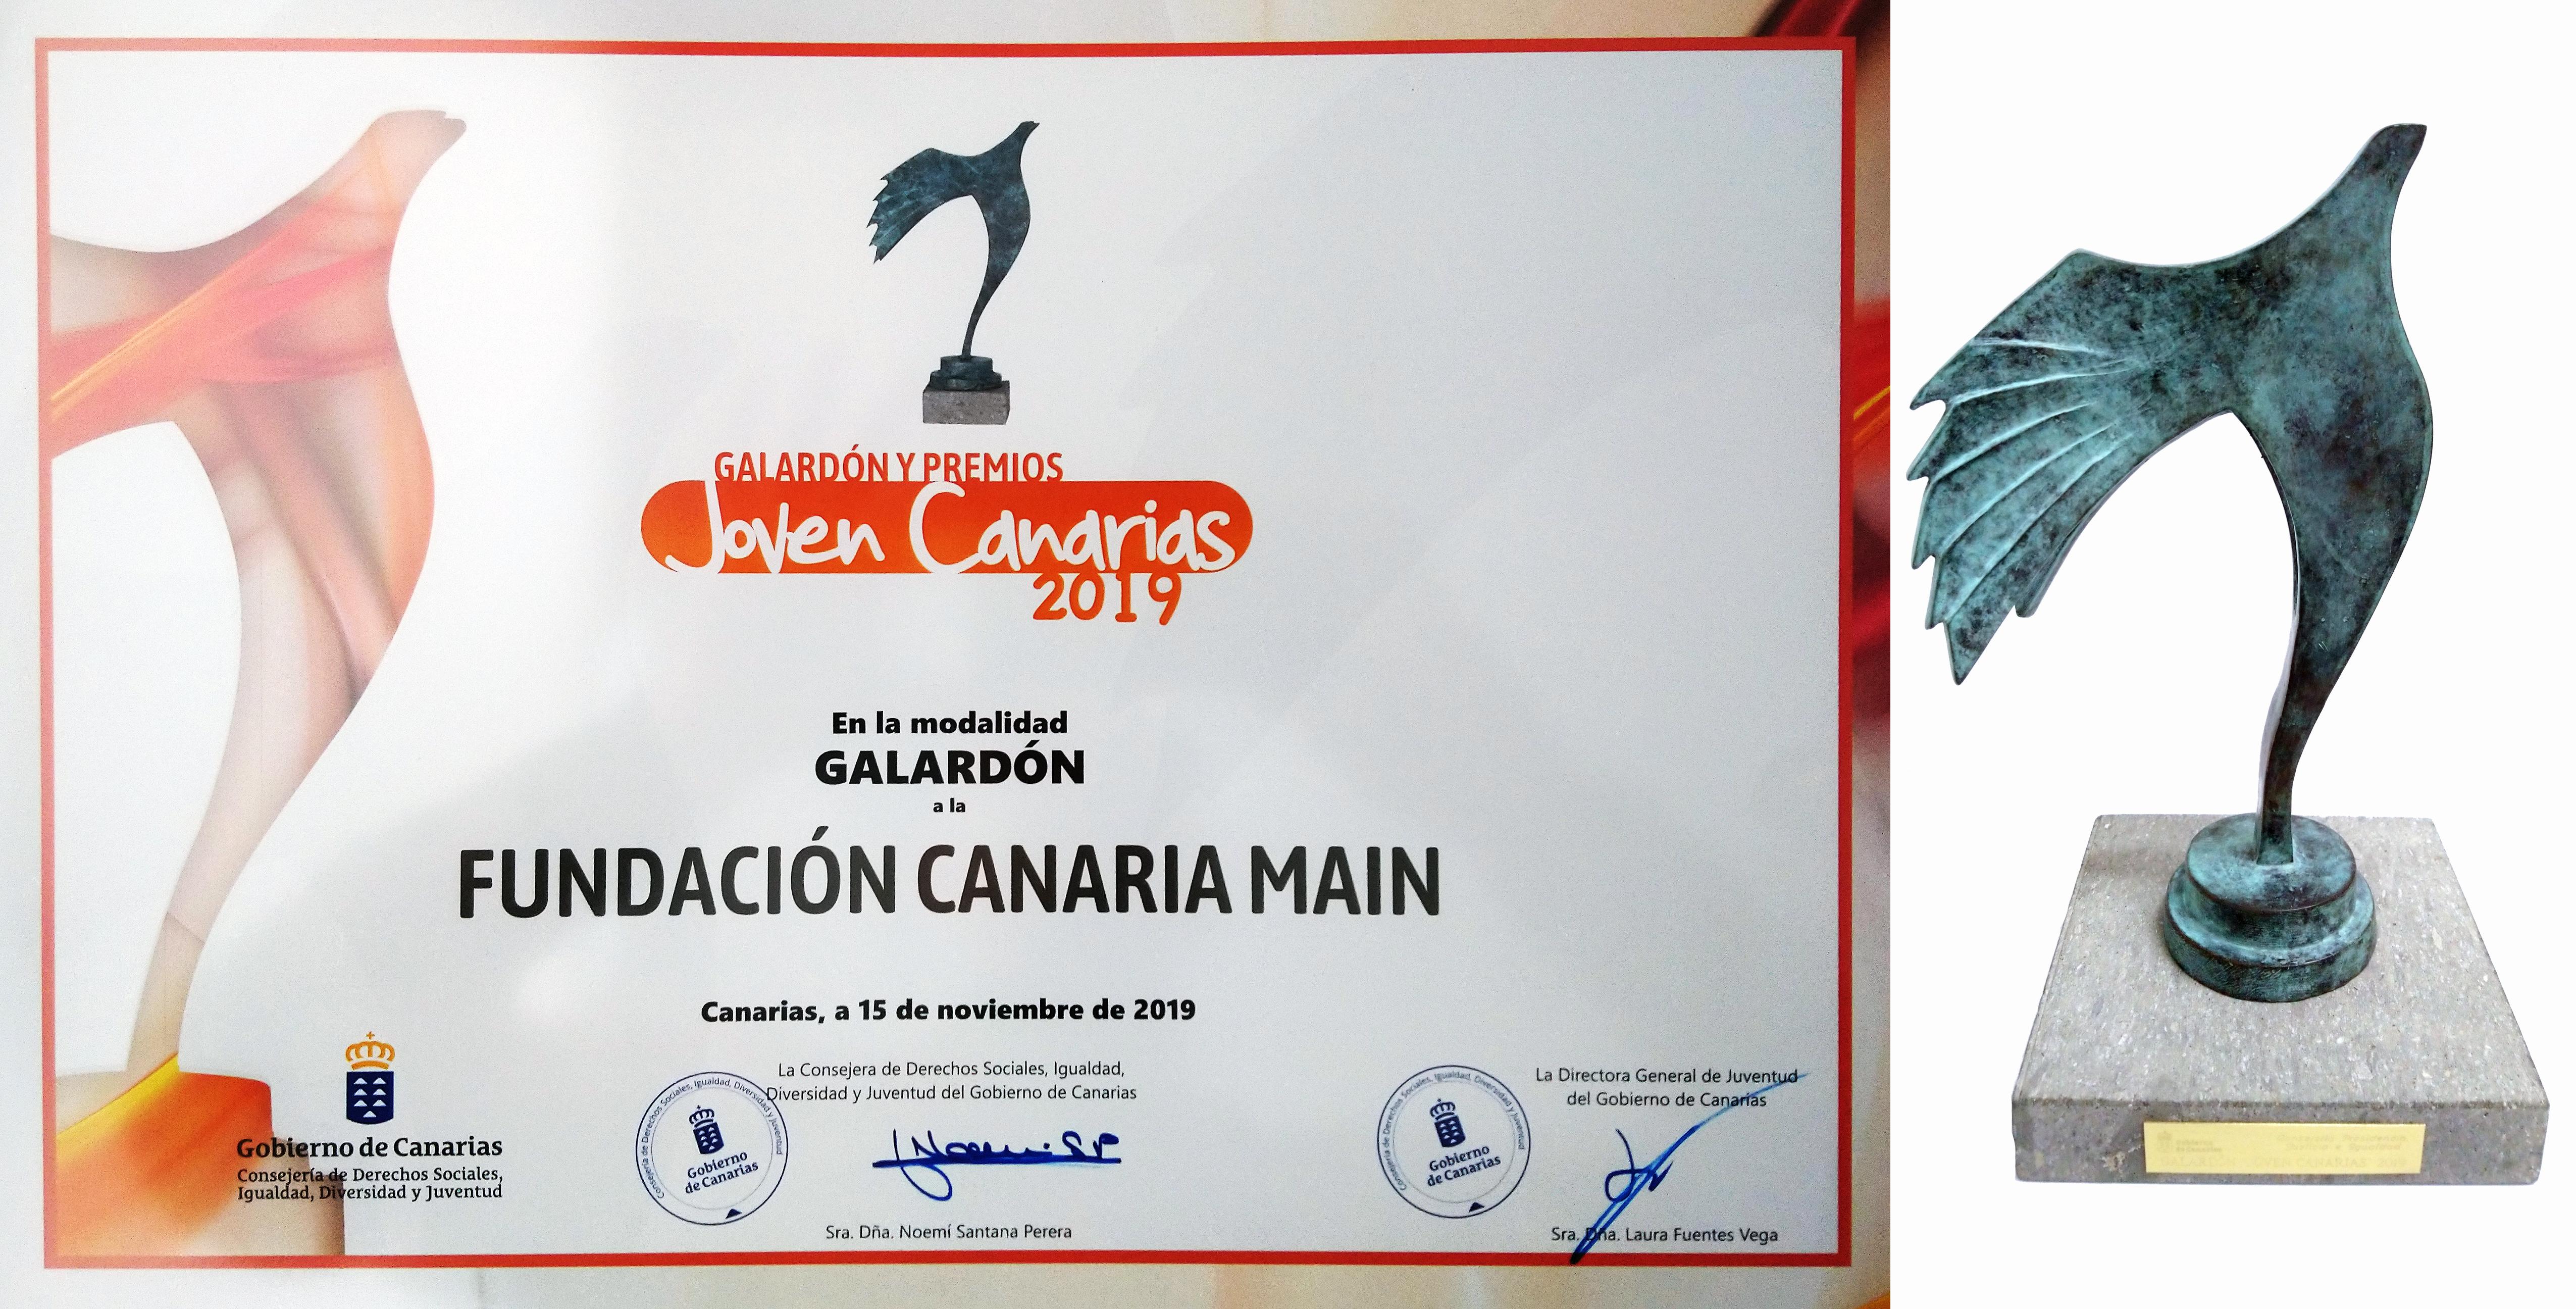 Galardón Joven Canarias 2019